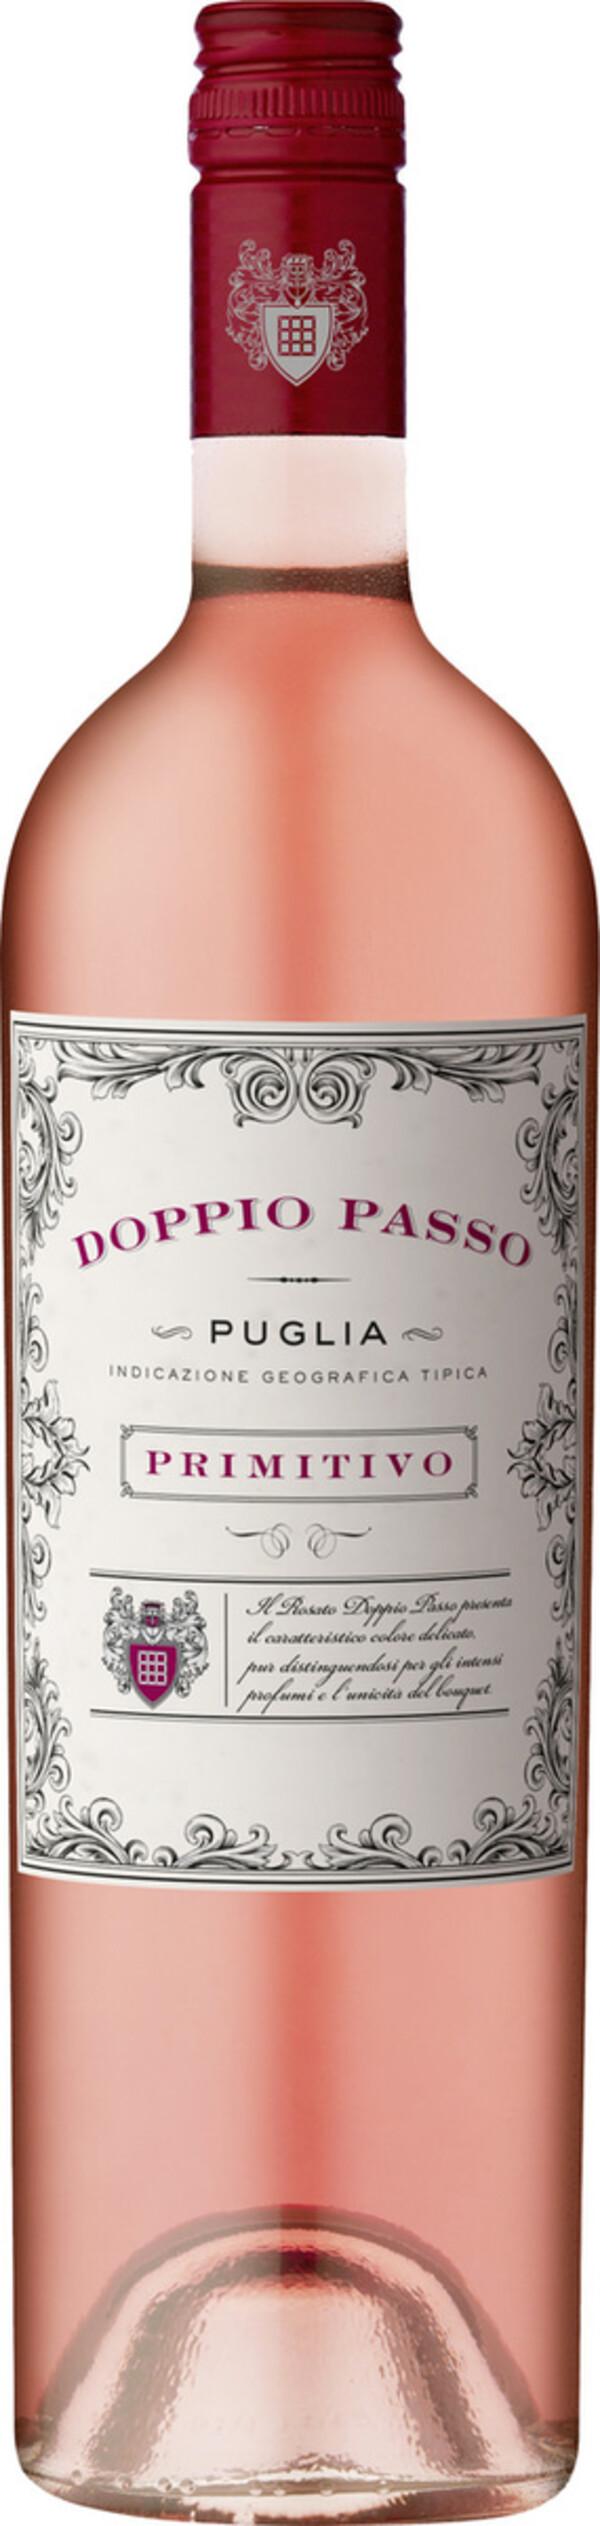 Doppio Passo Primitivo Rosato Puglia IGT 2019 0,75 ltr